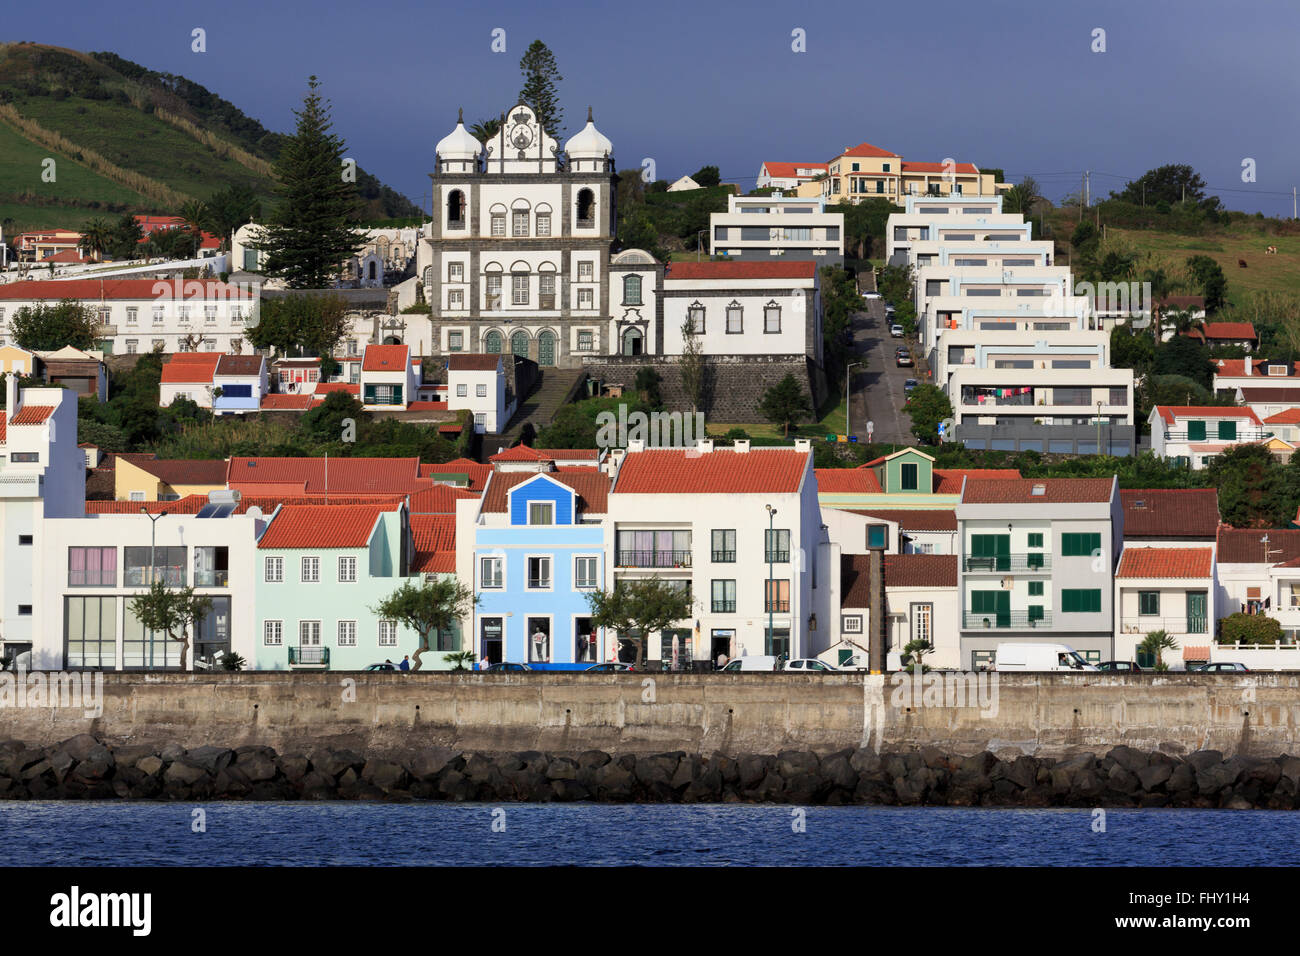 Hafen von Horta, Insel Faial, Azoren, Portugal, Europa Stockbild